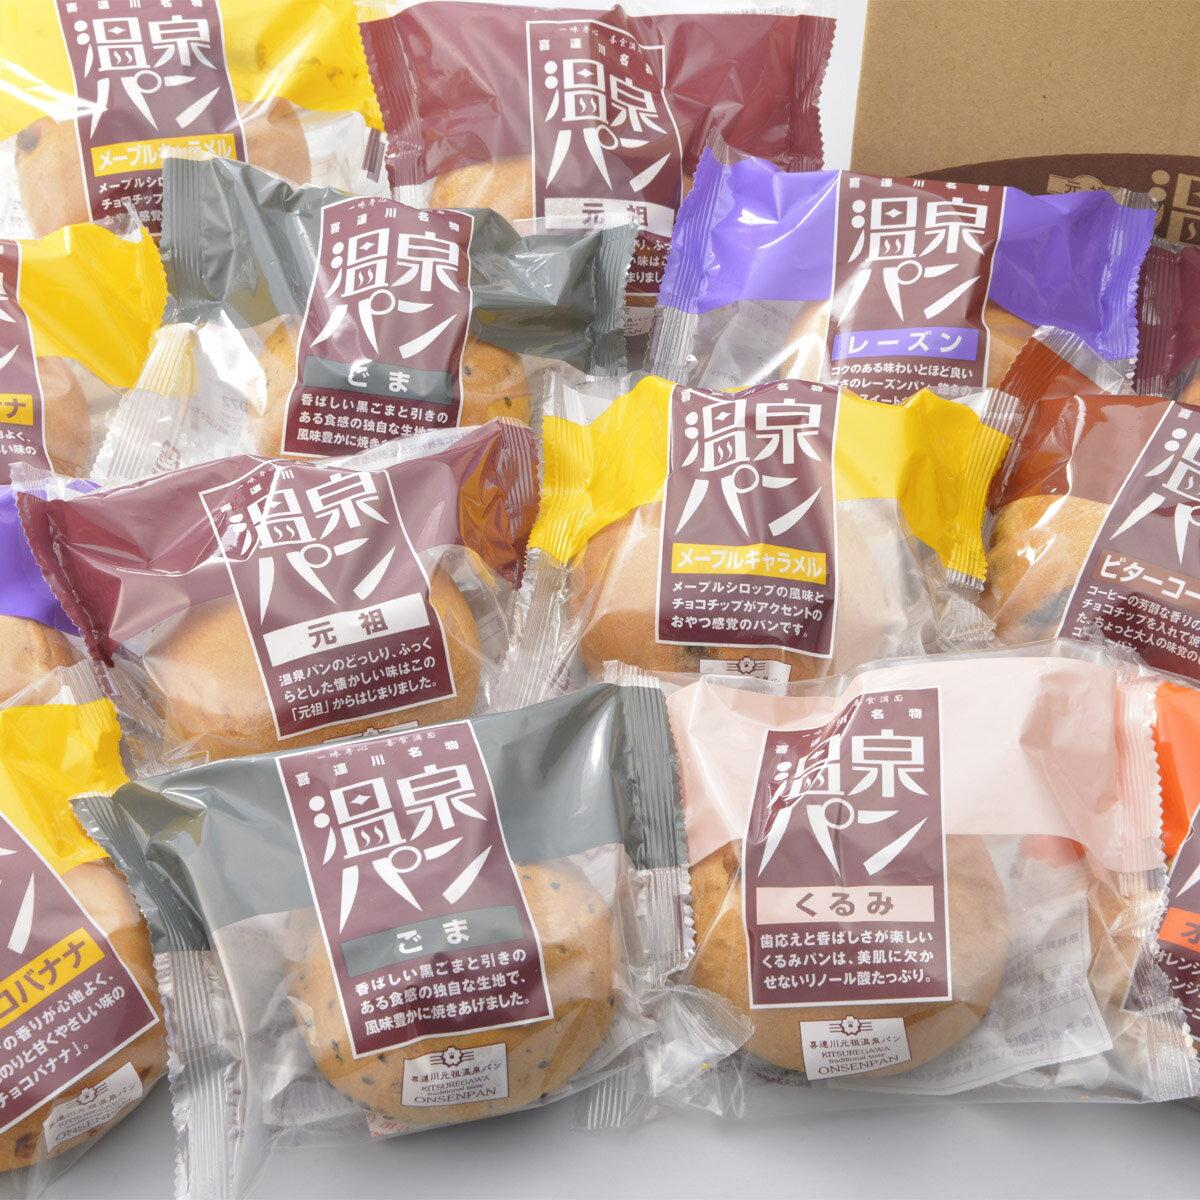 【ふるさと納税】「温泉パン人気セット」 温泉パンシリーズ15種類中9種類を詰め合わせました